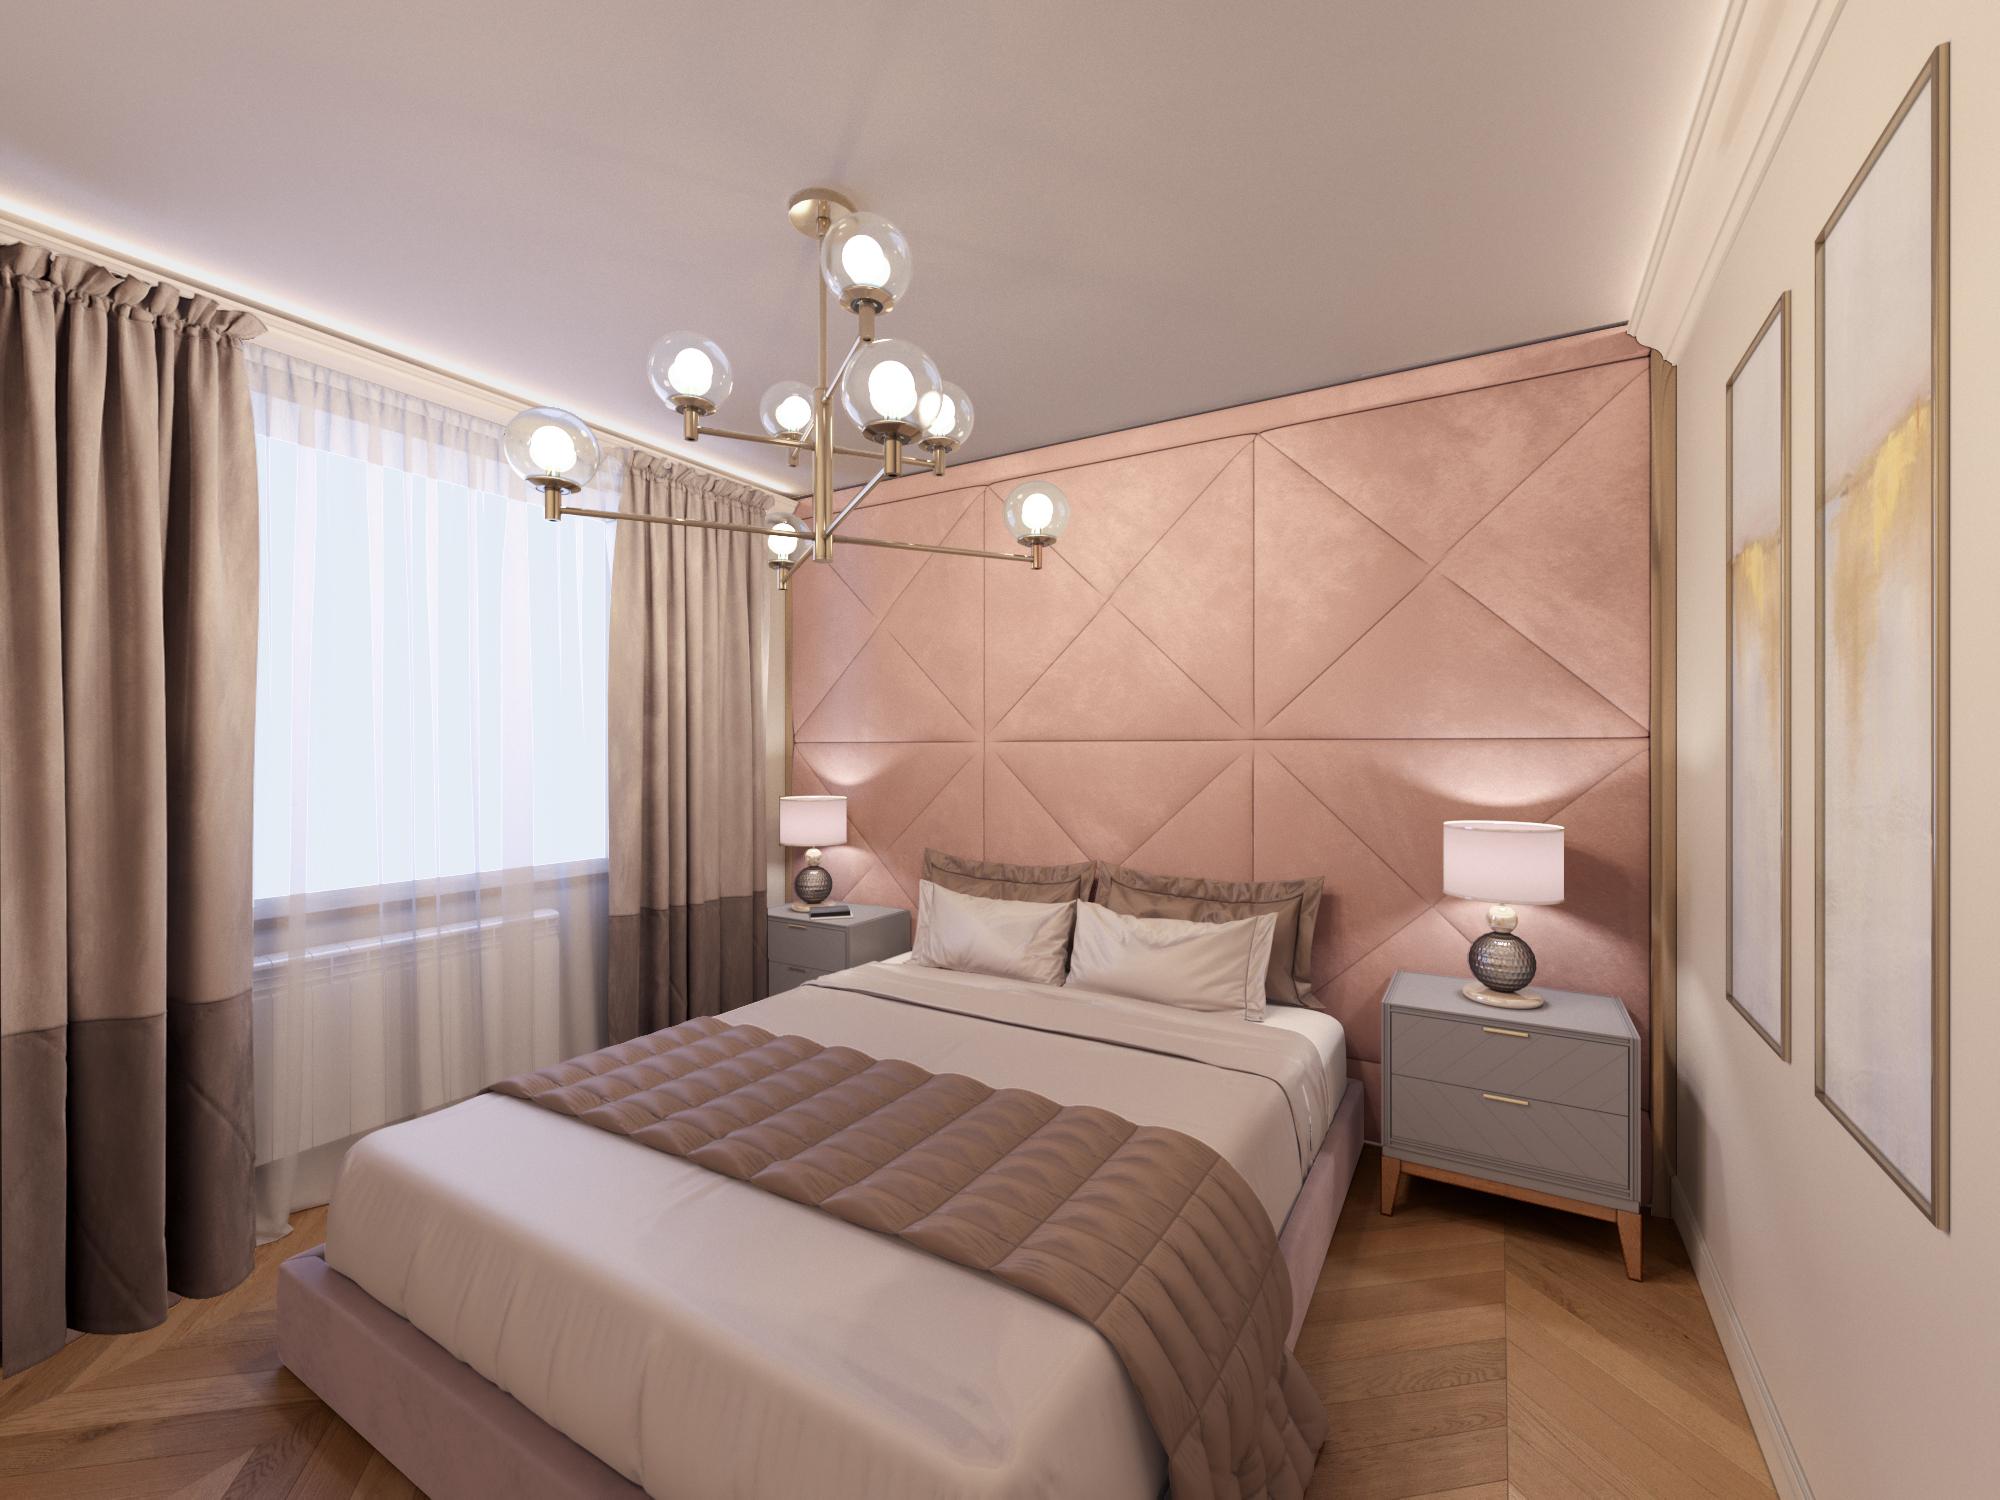 Квартира в г. Москва